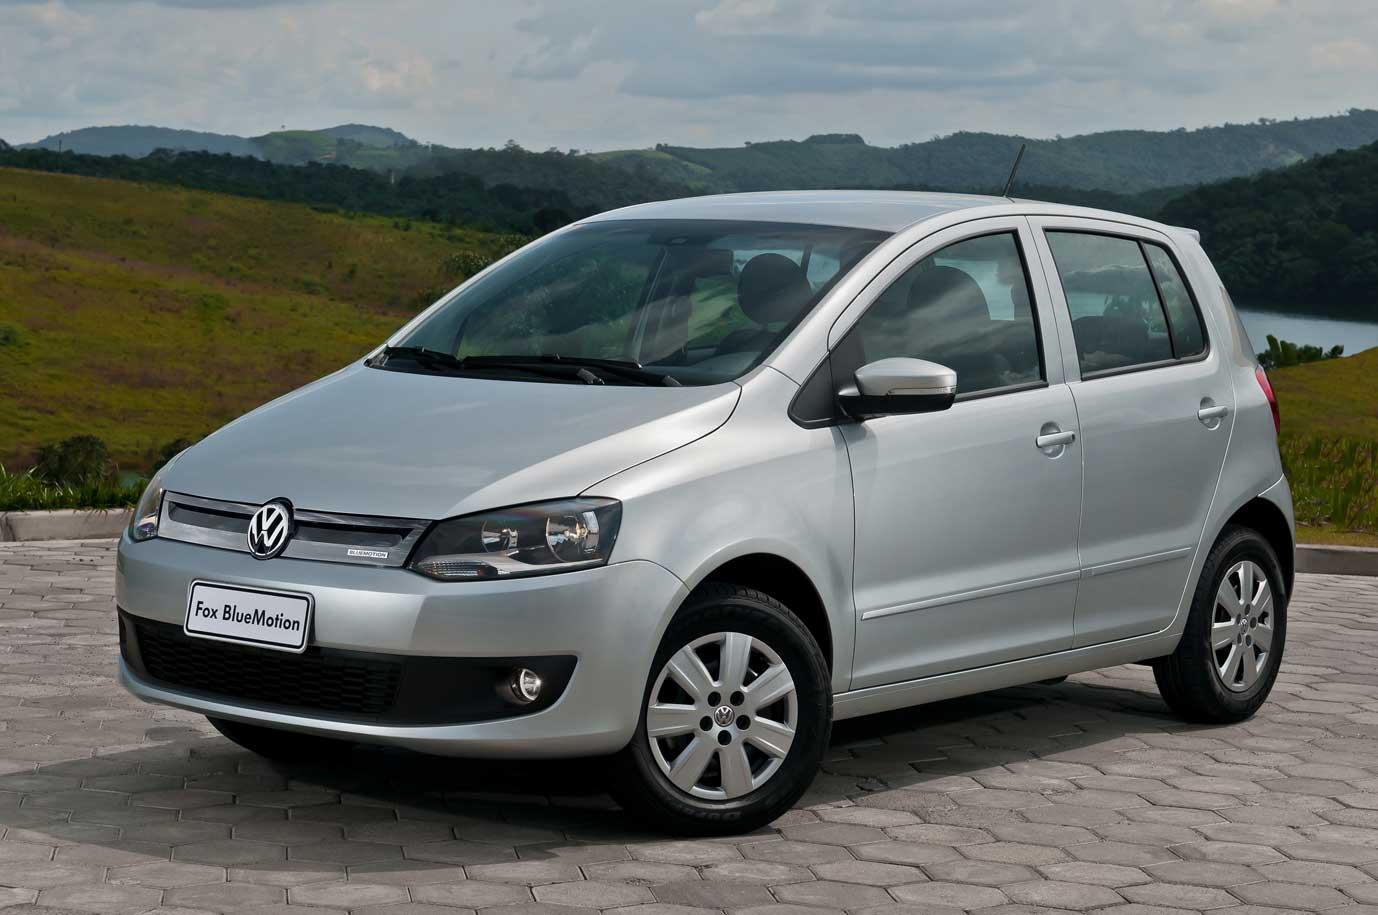 Volkswagen incorpora Airbags y ABS en el Fox para el 2013